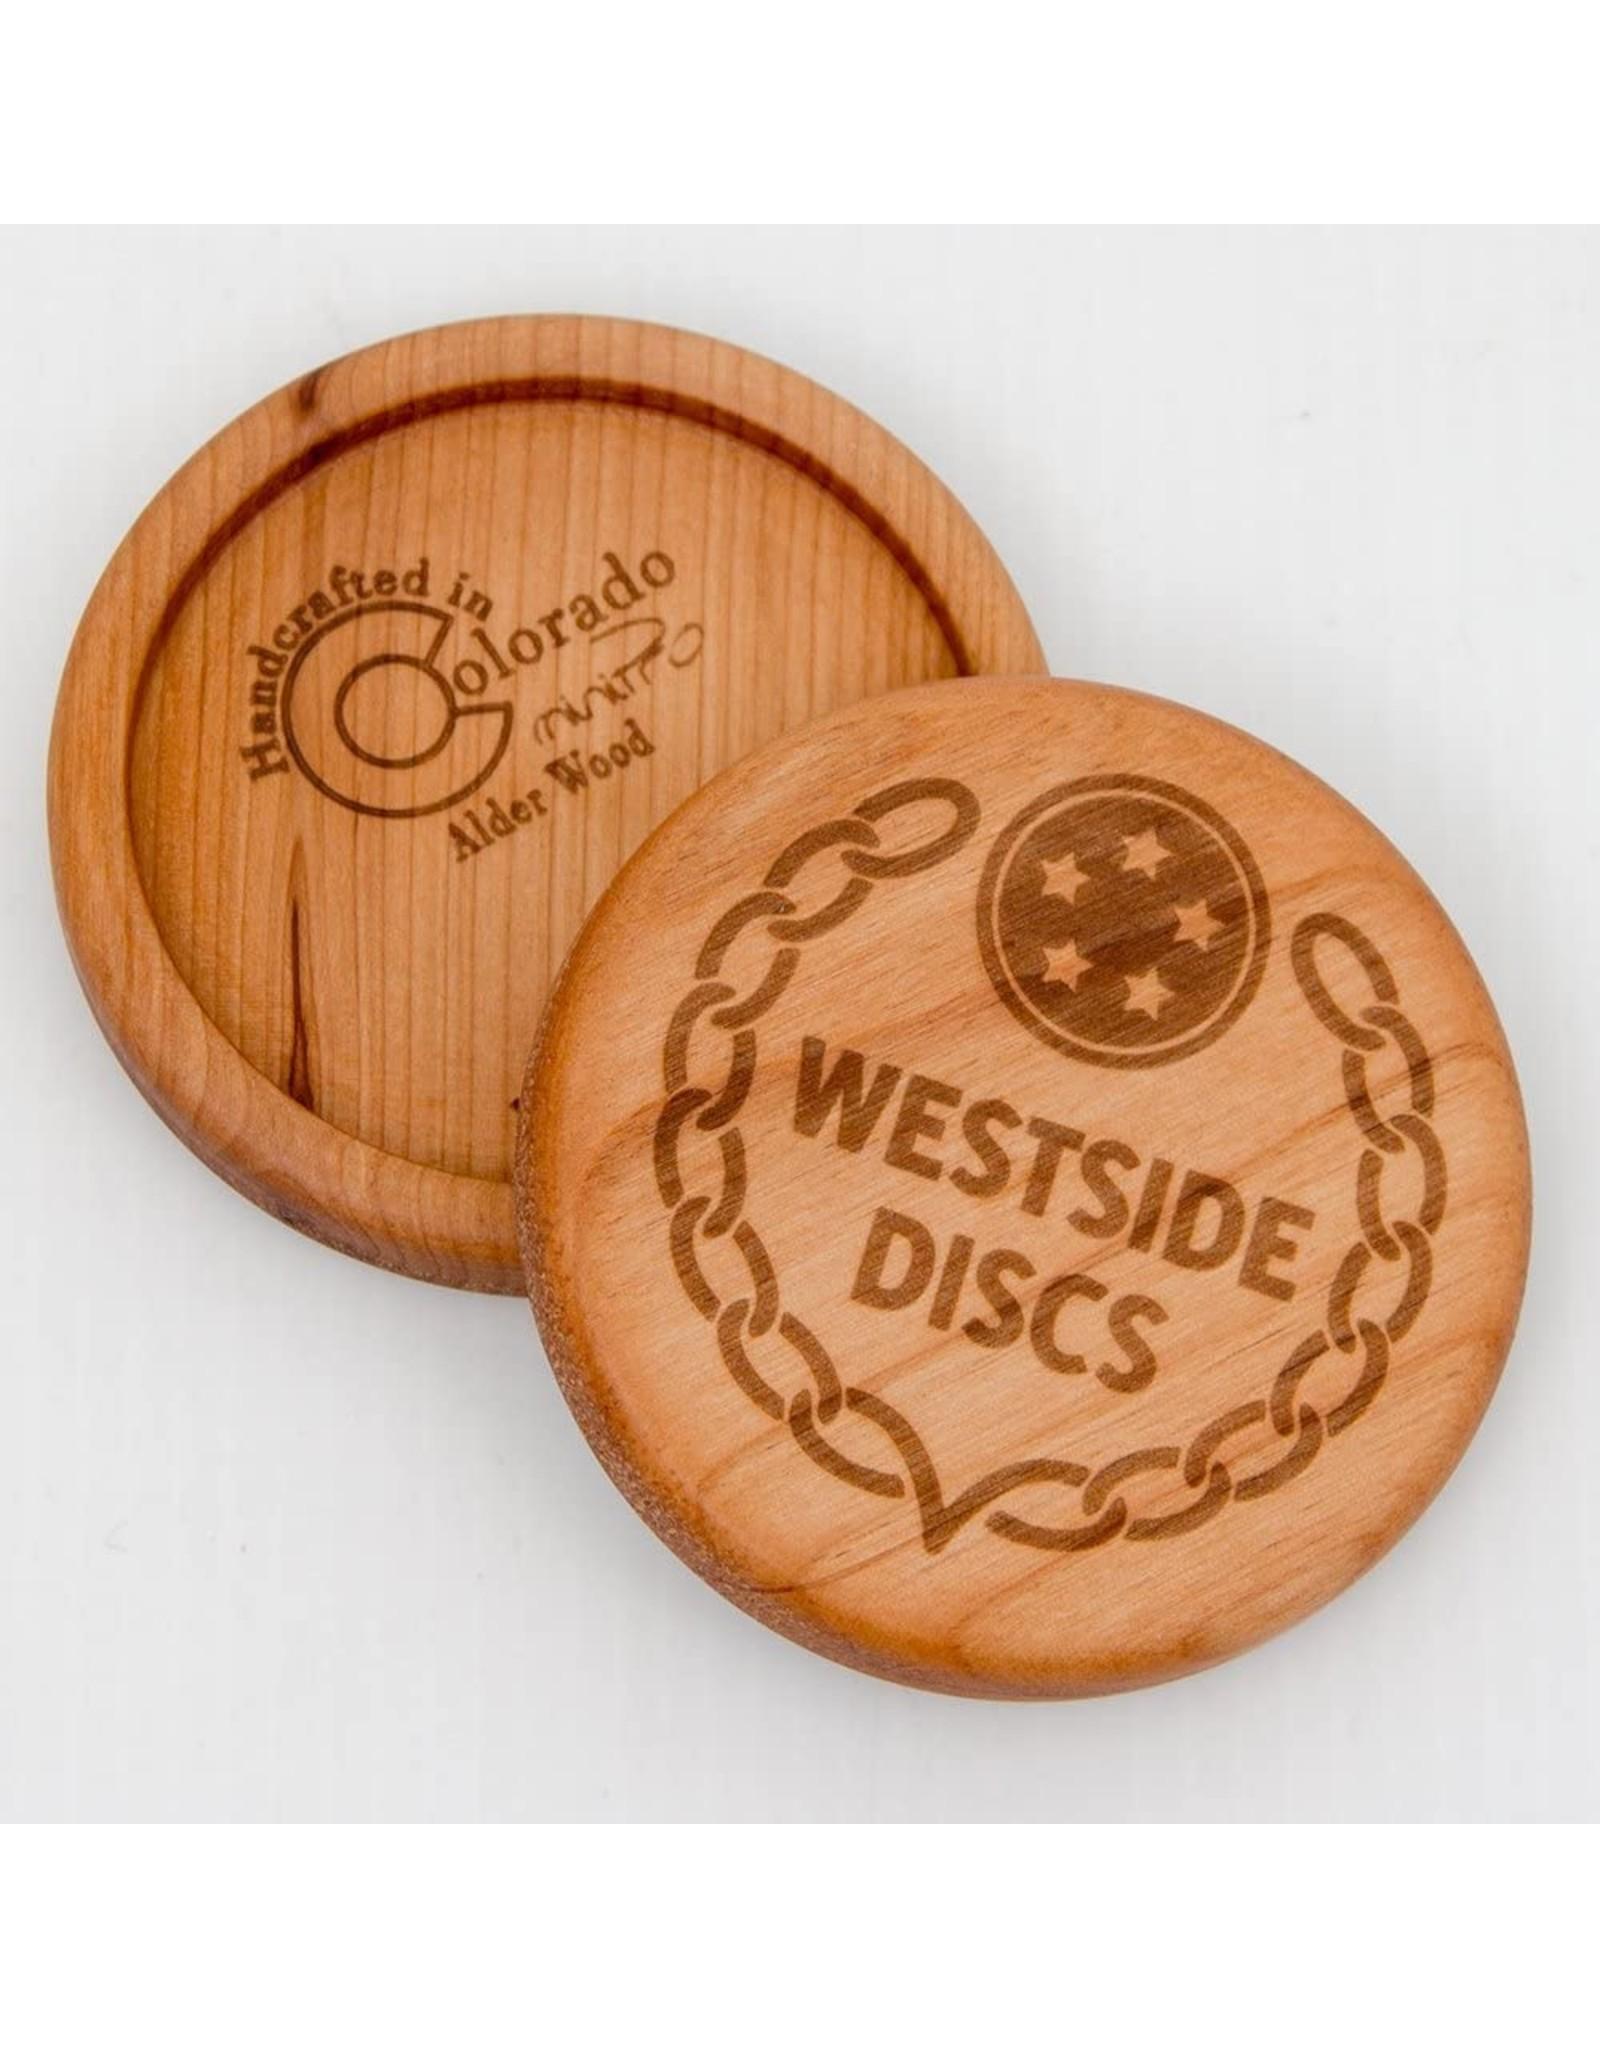 Westside Discs Wooden Alder Mini Disc Marker